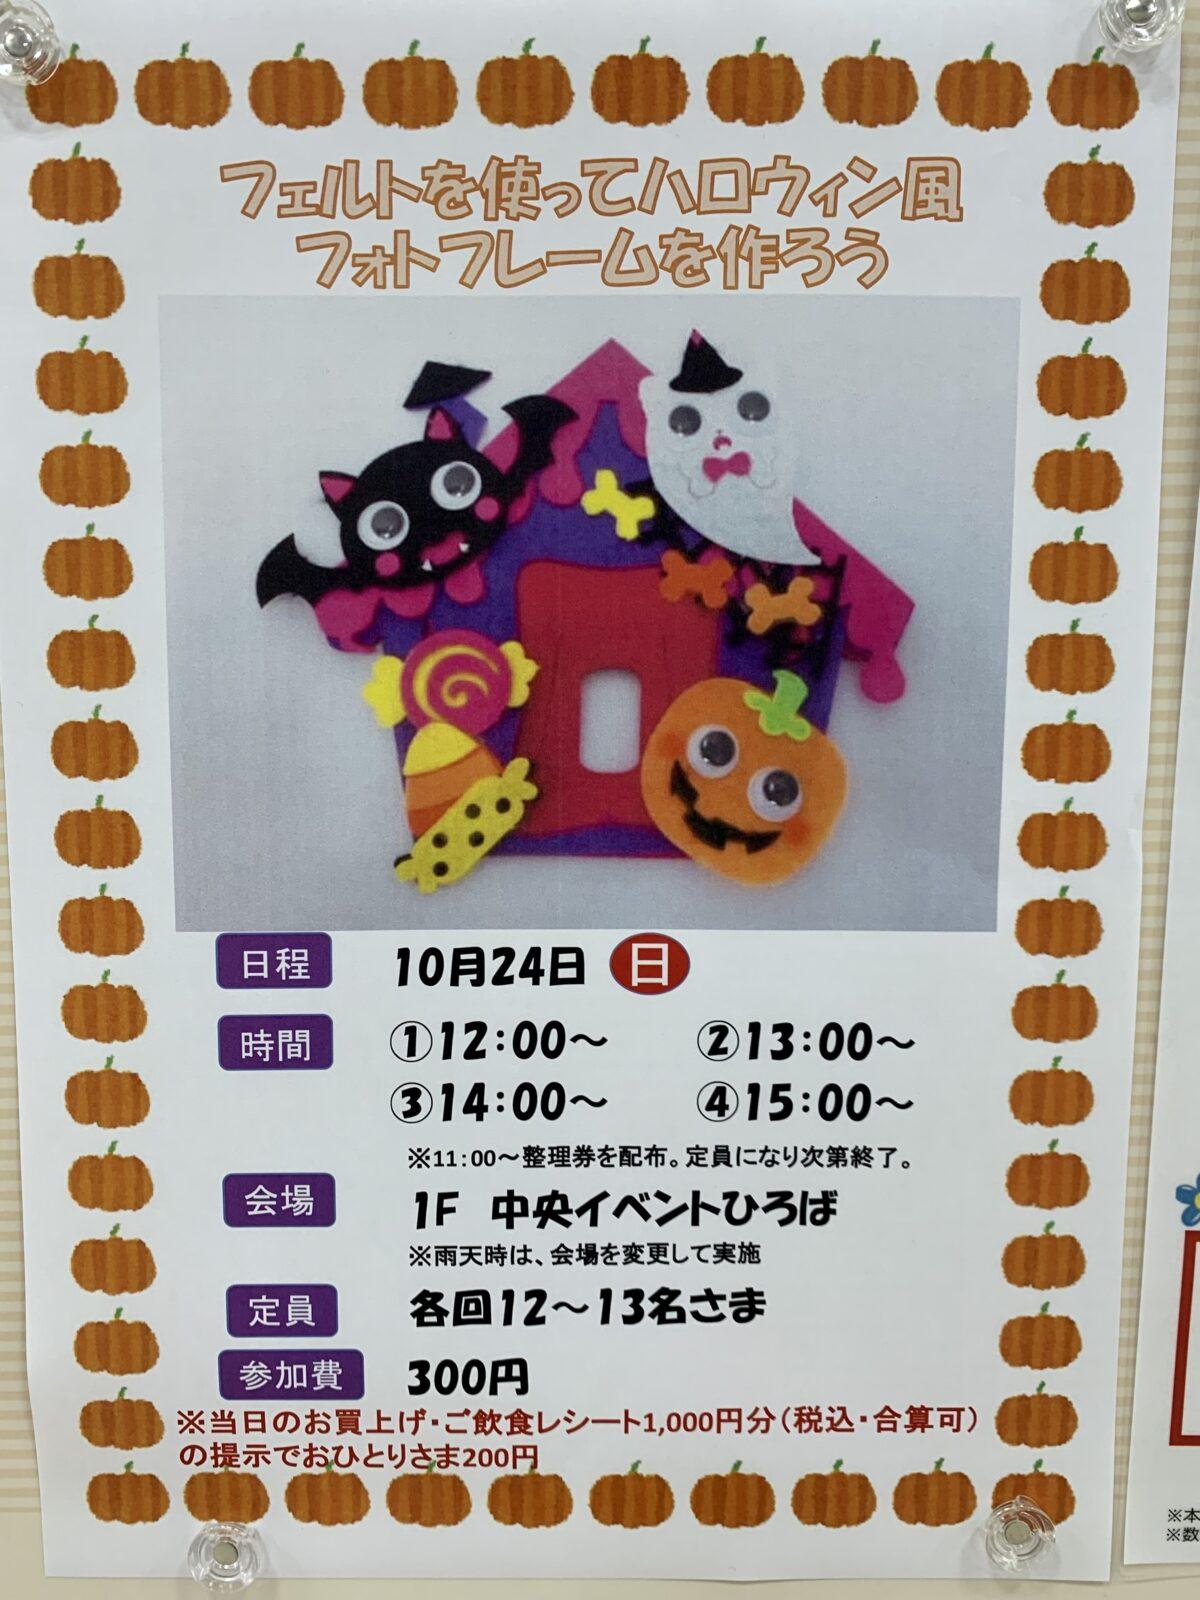 【イベント】2021.10/24(日)★堺市南区・アクロスモール泉北の『フェルトを使ってハロウィン風フォトフレームを作ろう!』へ行こう♪: